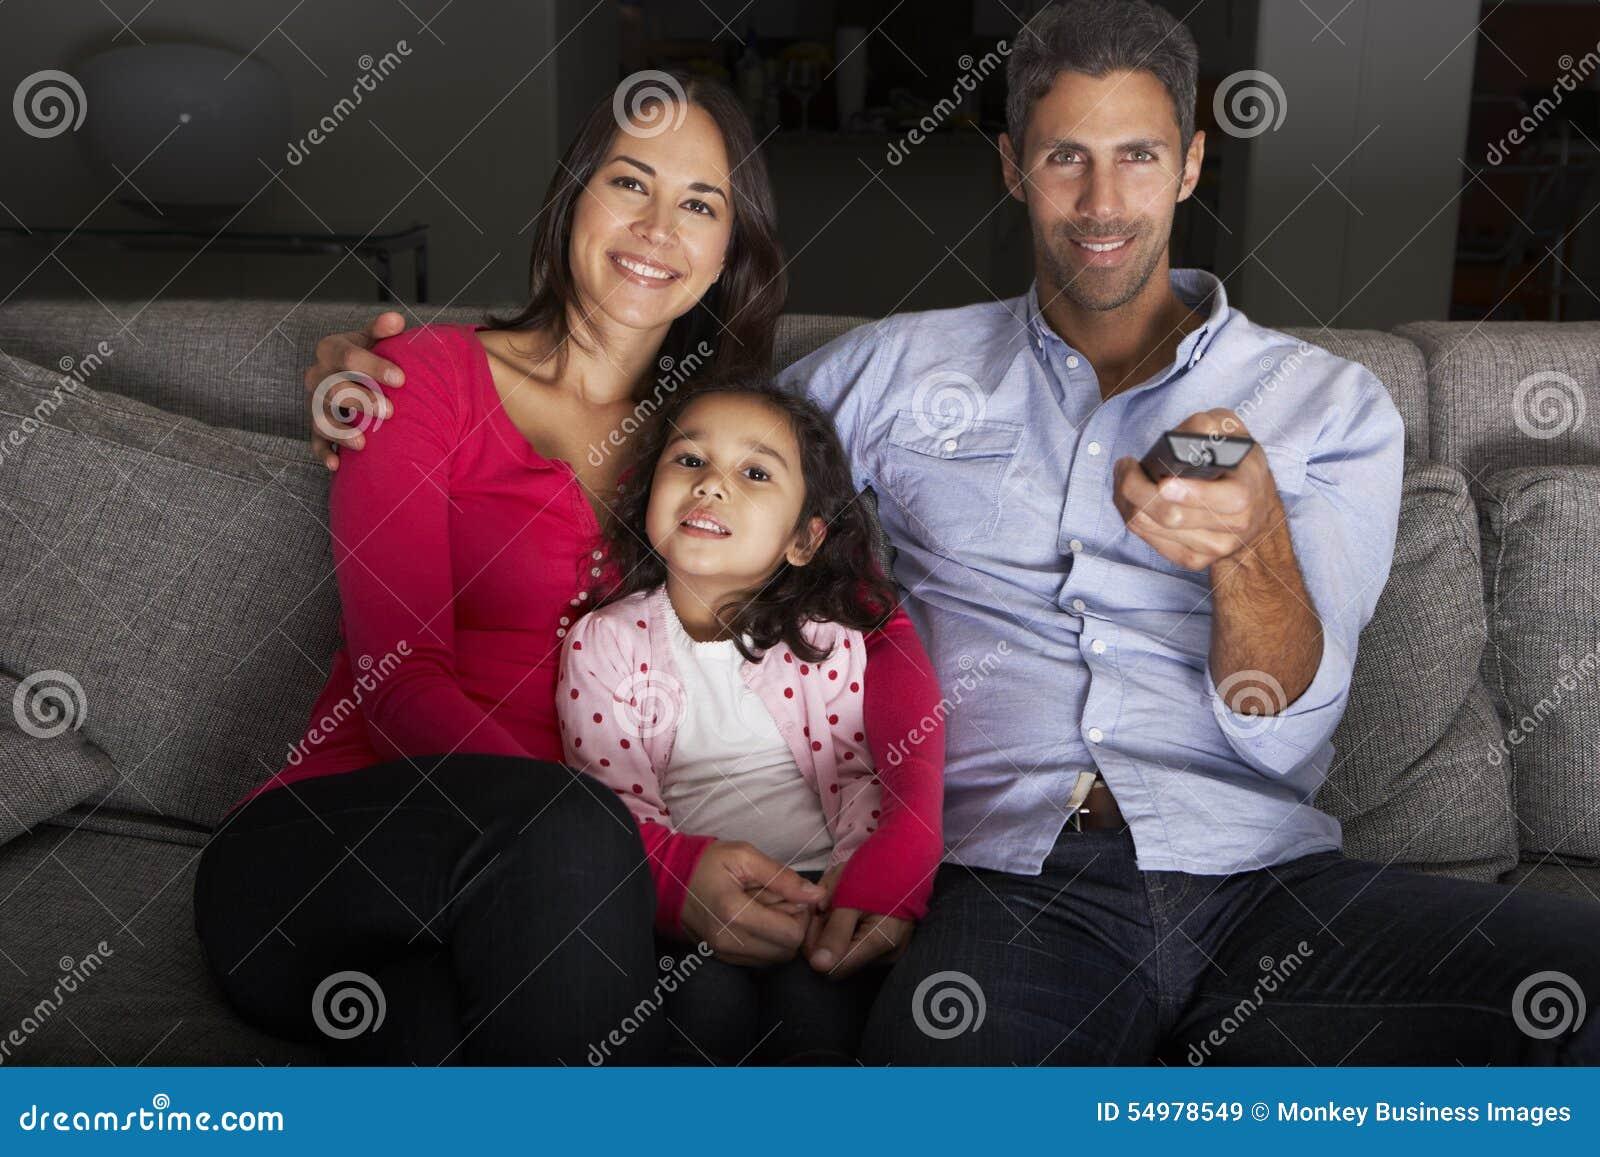 hispanic family watching tv - photo #6